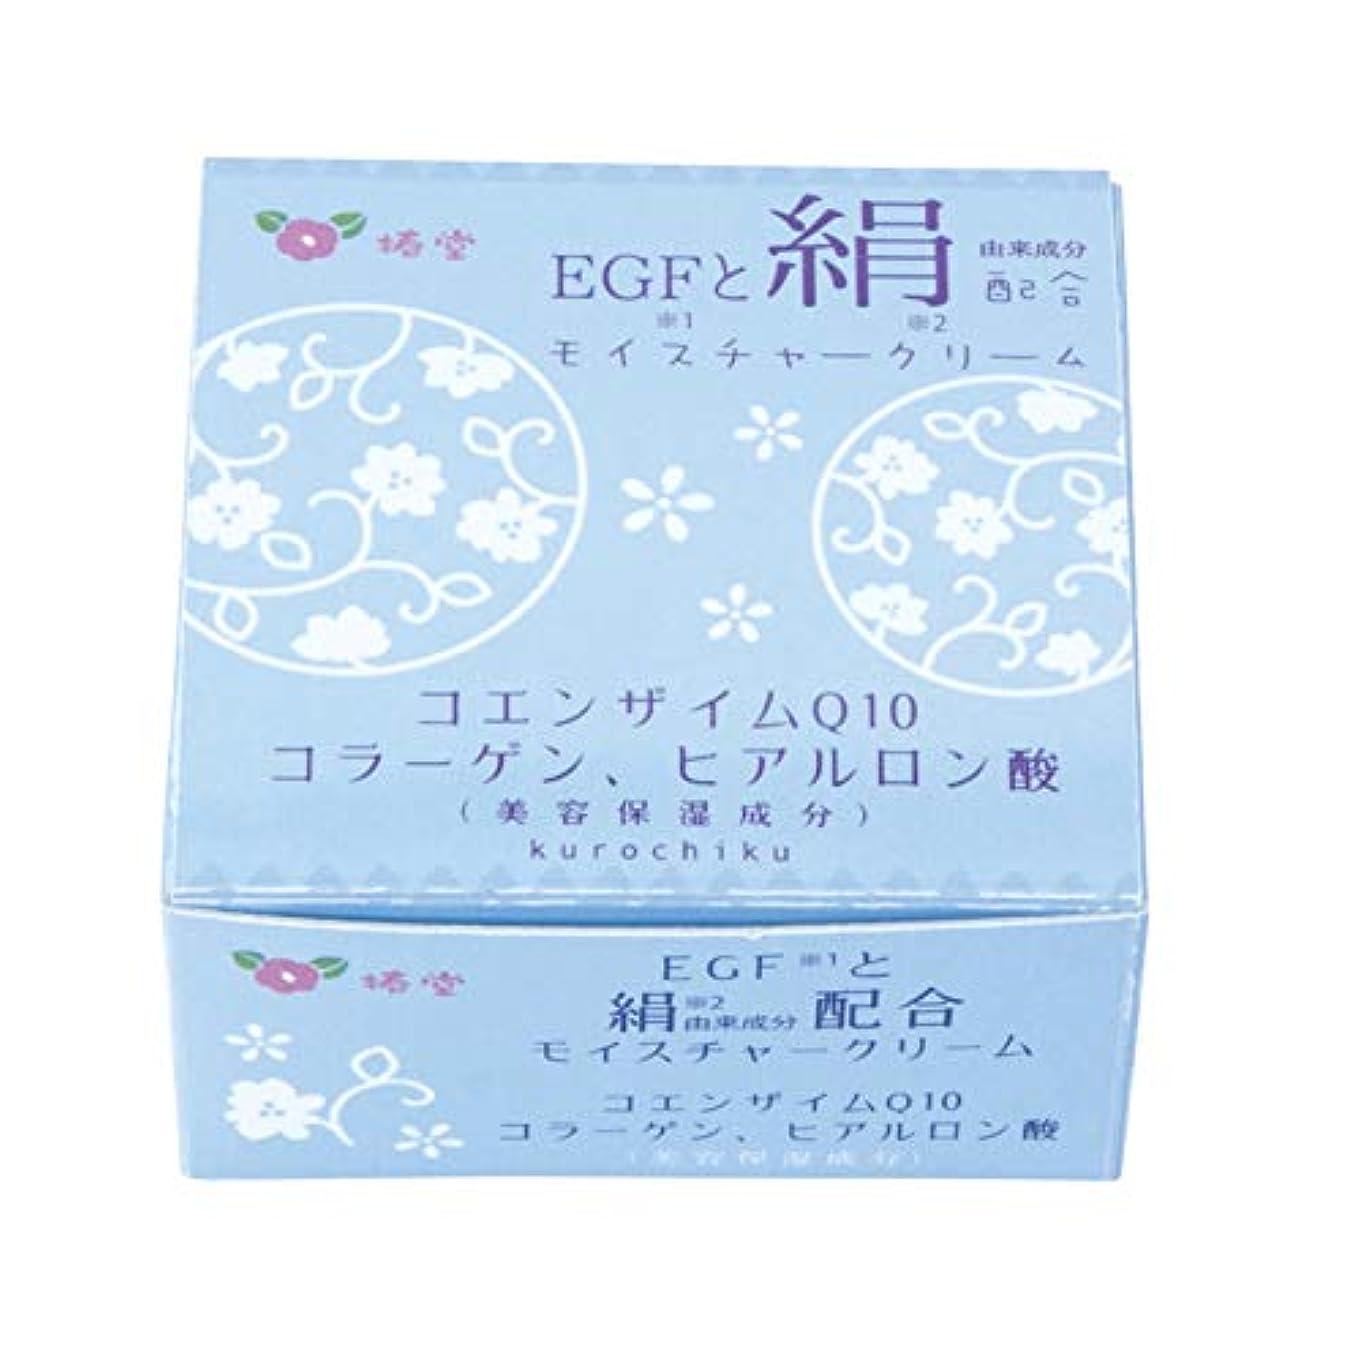 デクリメントリズミカルな手数料椿堂 絹モイスチャークリーム (FGFと絹) 京都くろちく